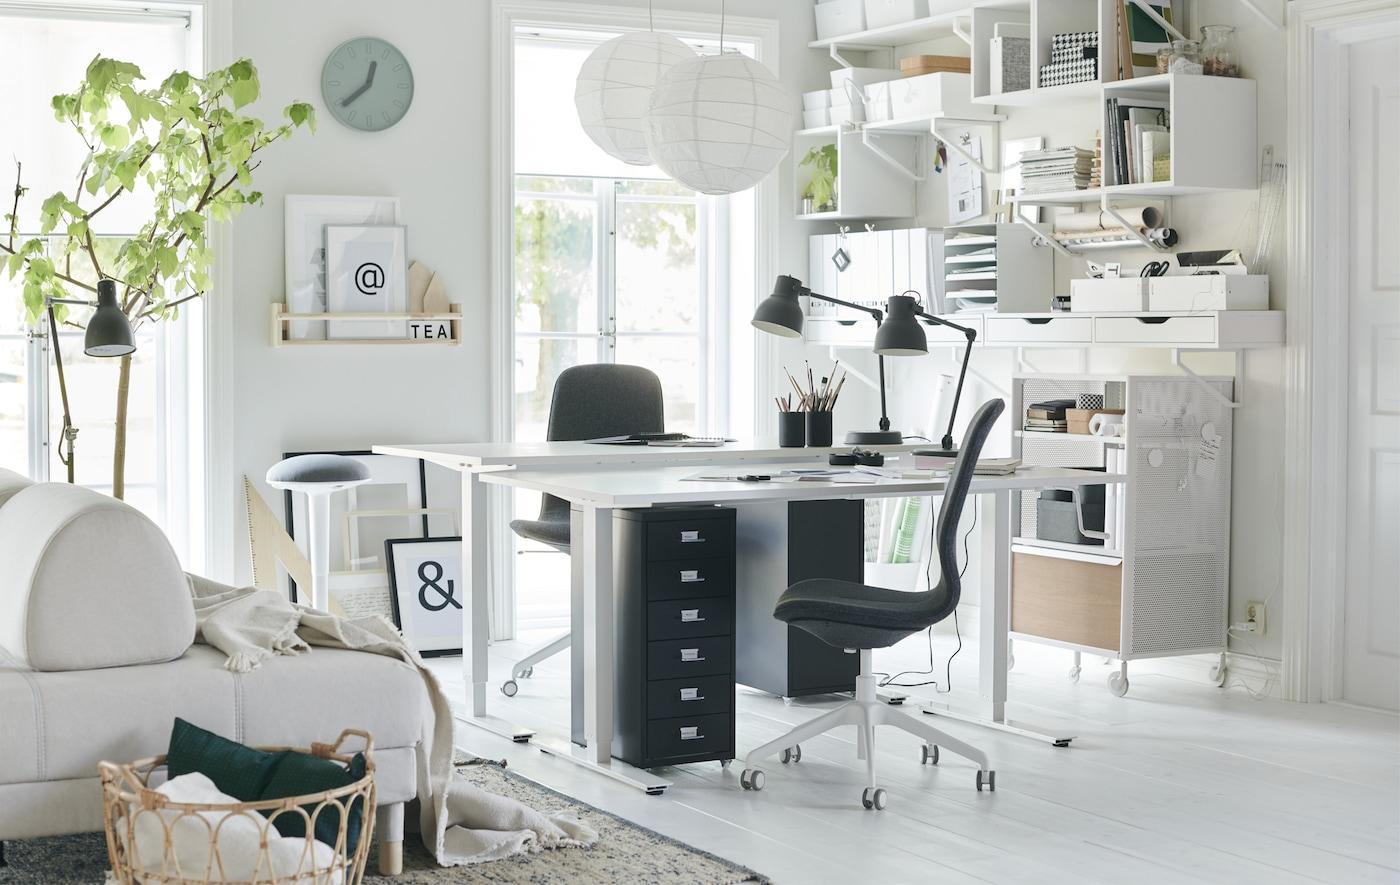 Deux bureaux, deux chaises et rangement mural dans le coin d'un salon lumineux